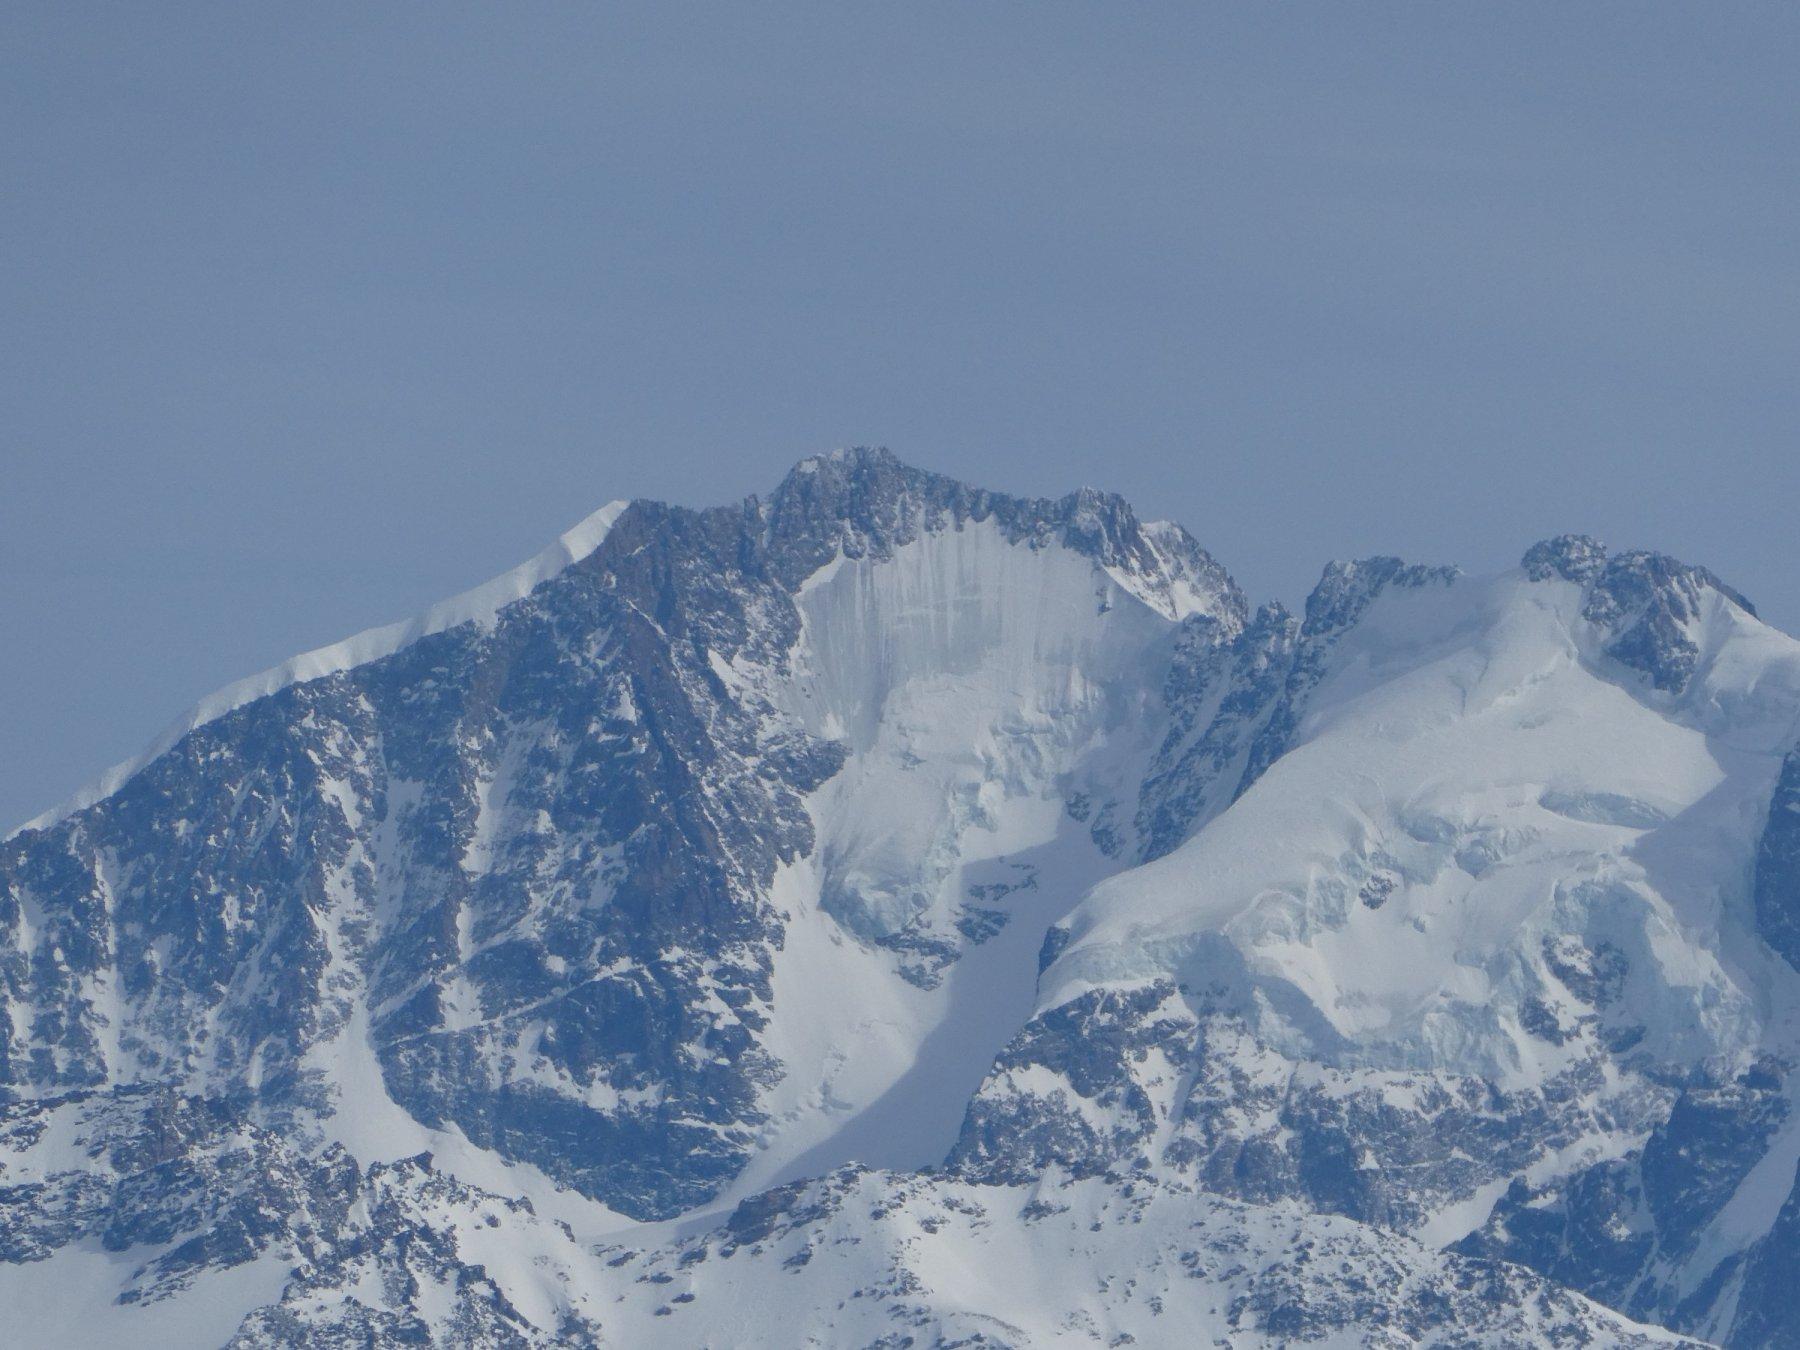 Piz Bernina magro di neve